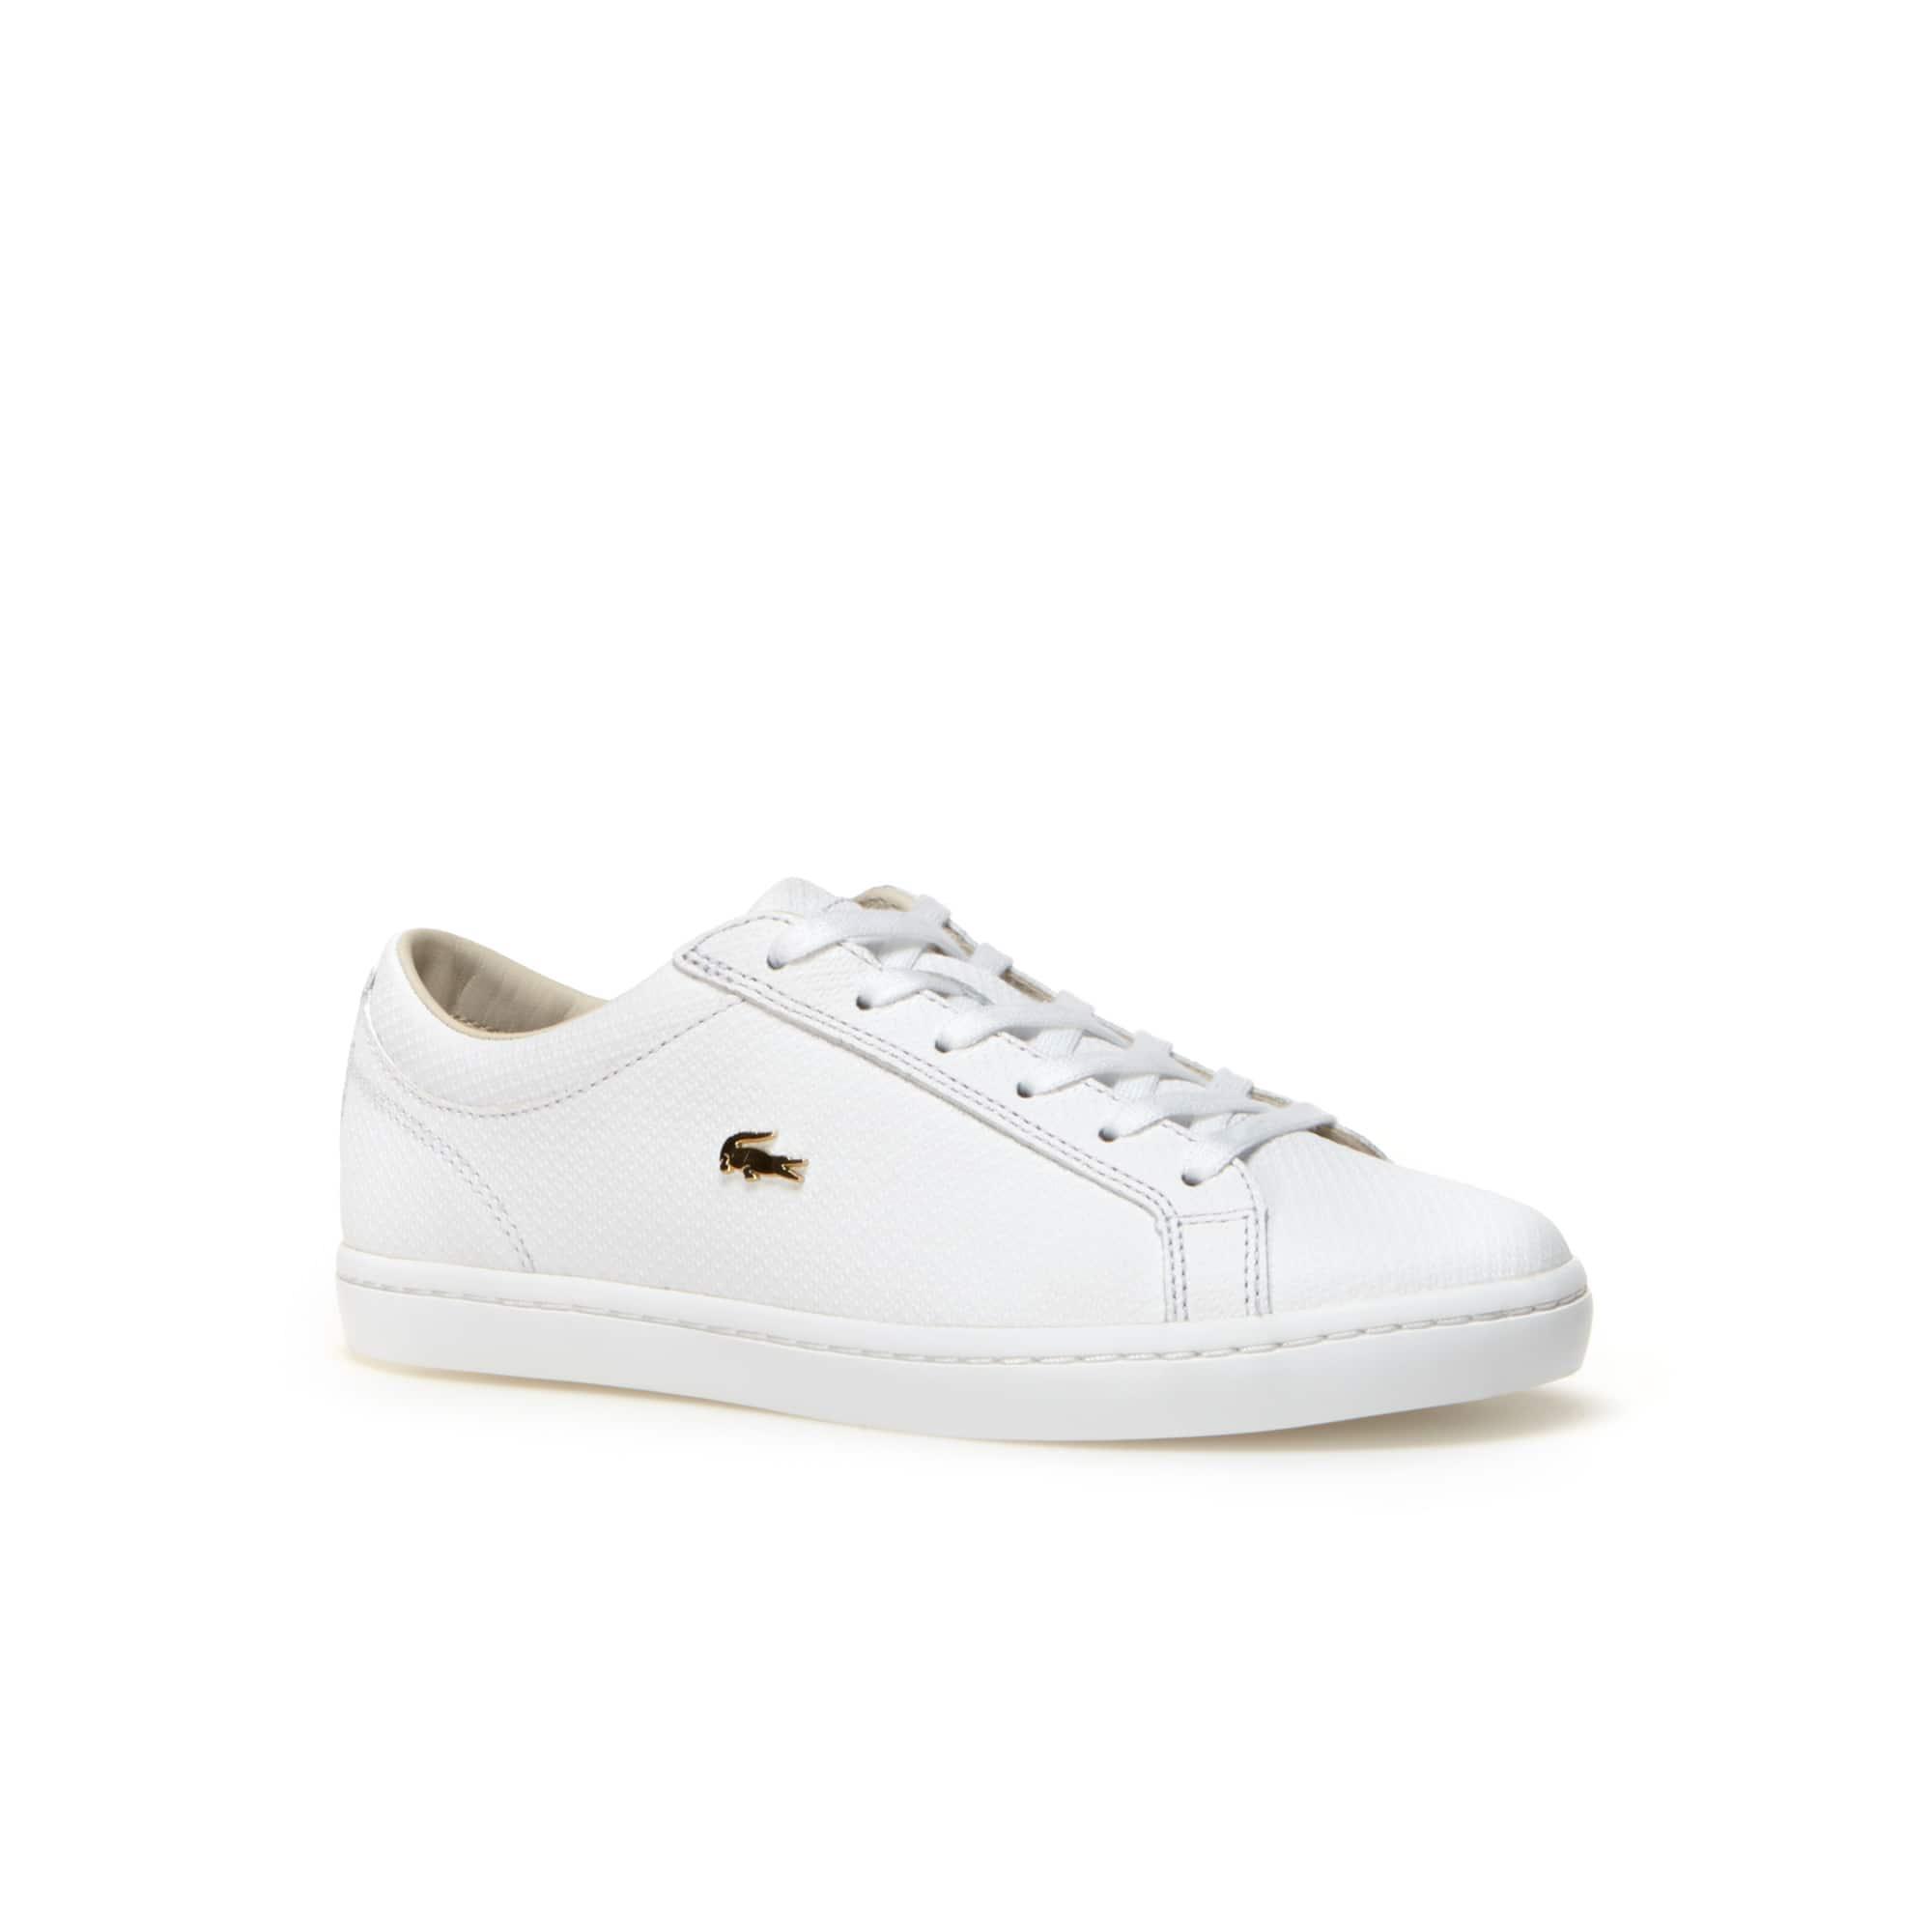 e1a8efd01b9953 Tous les produits | Chaussures Femme | LACOSTE